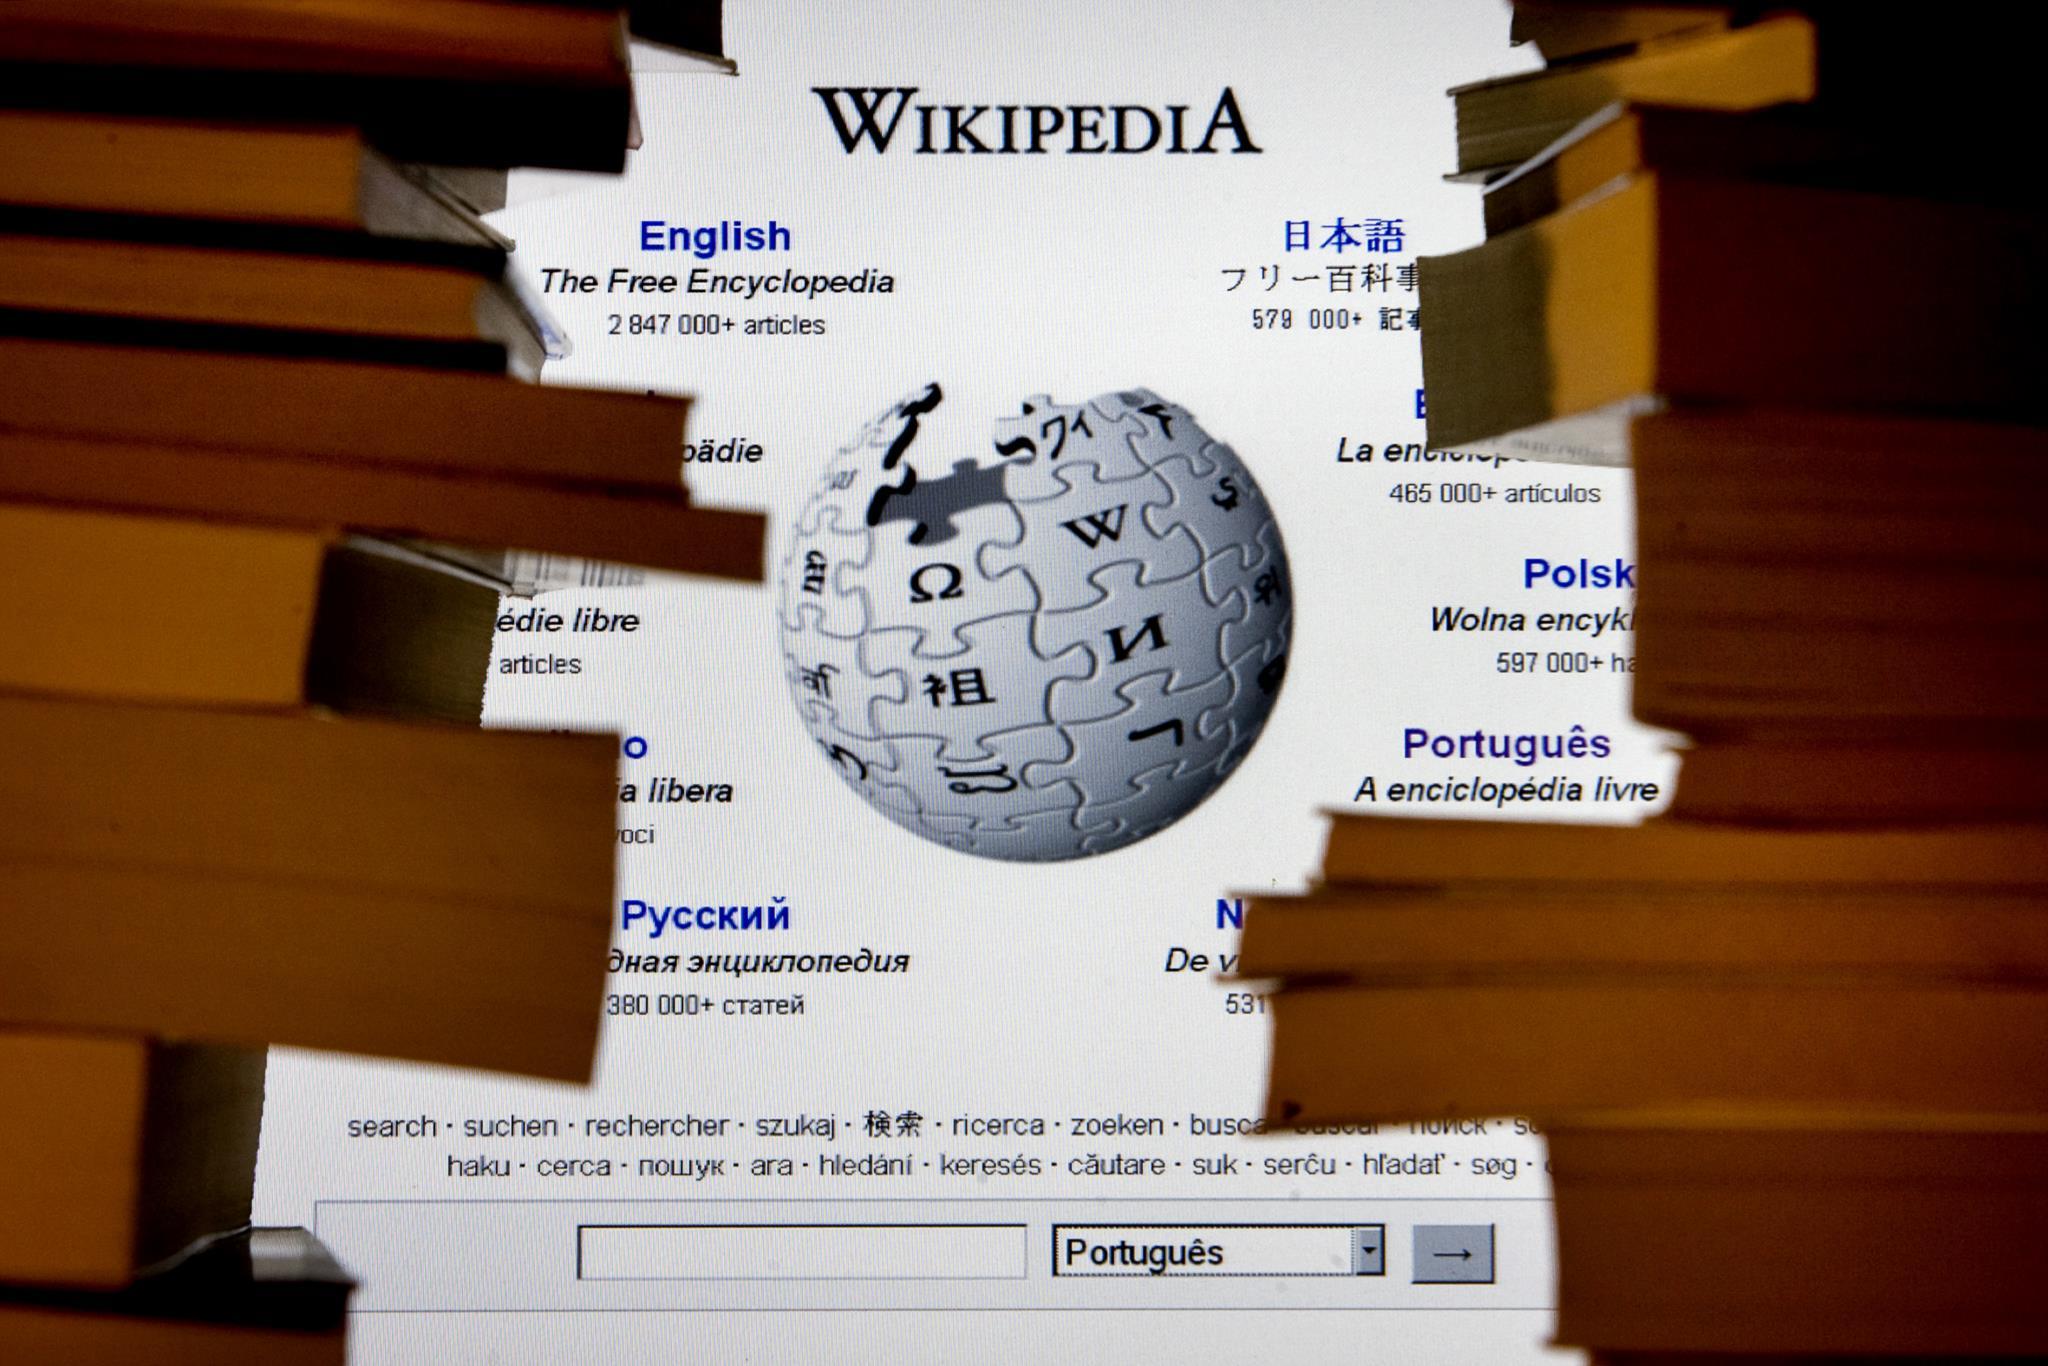 PÚBLICO - Turquia bloqueia acesso à Wikipédia